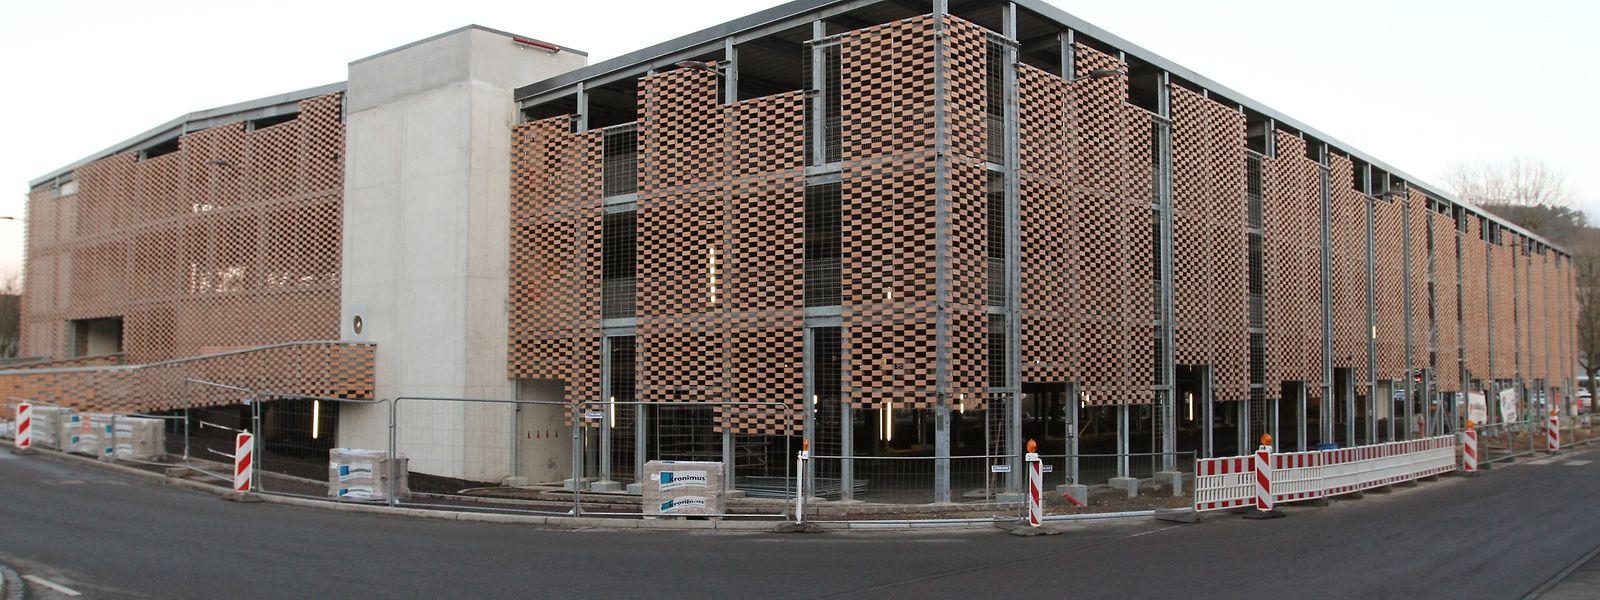 Das neue Parkhaus Am Däich, mit seiner noch zu bepflanzenden Spezialfassade, soll Anfang März eröffnet werden. /